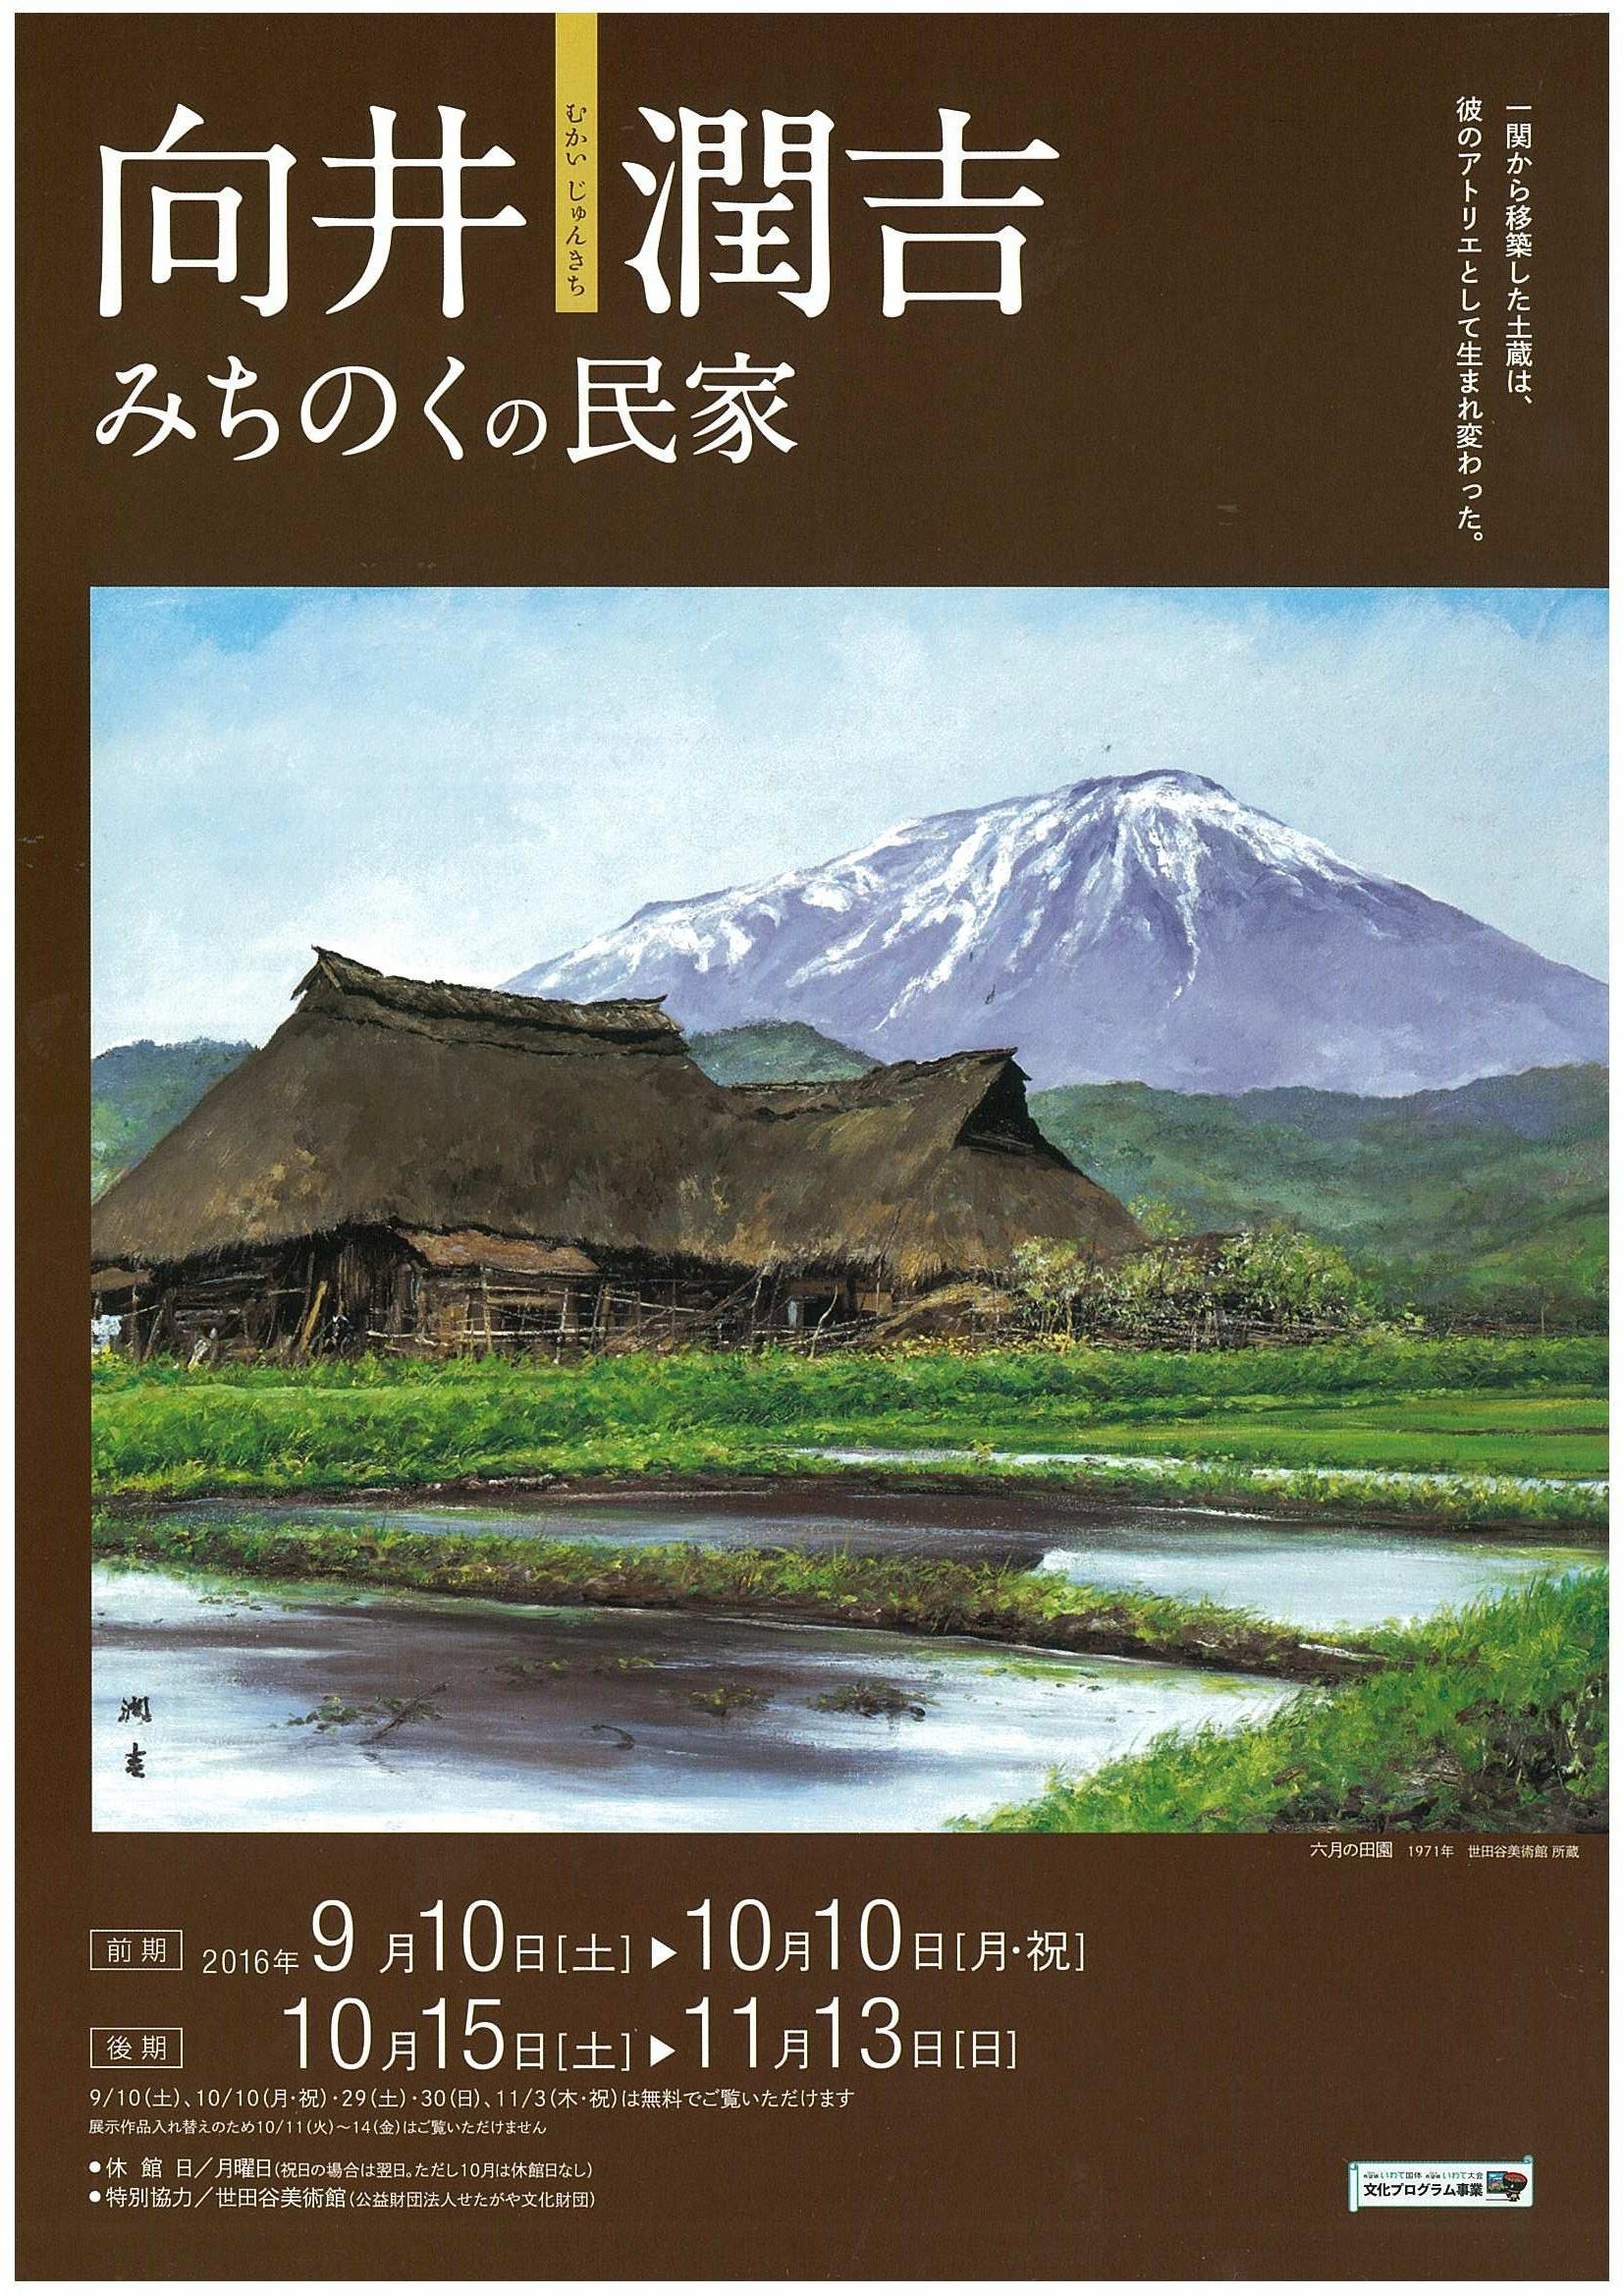 向井潤吉の画像 p1_20